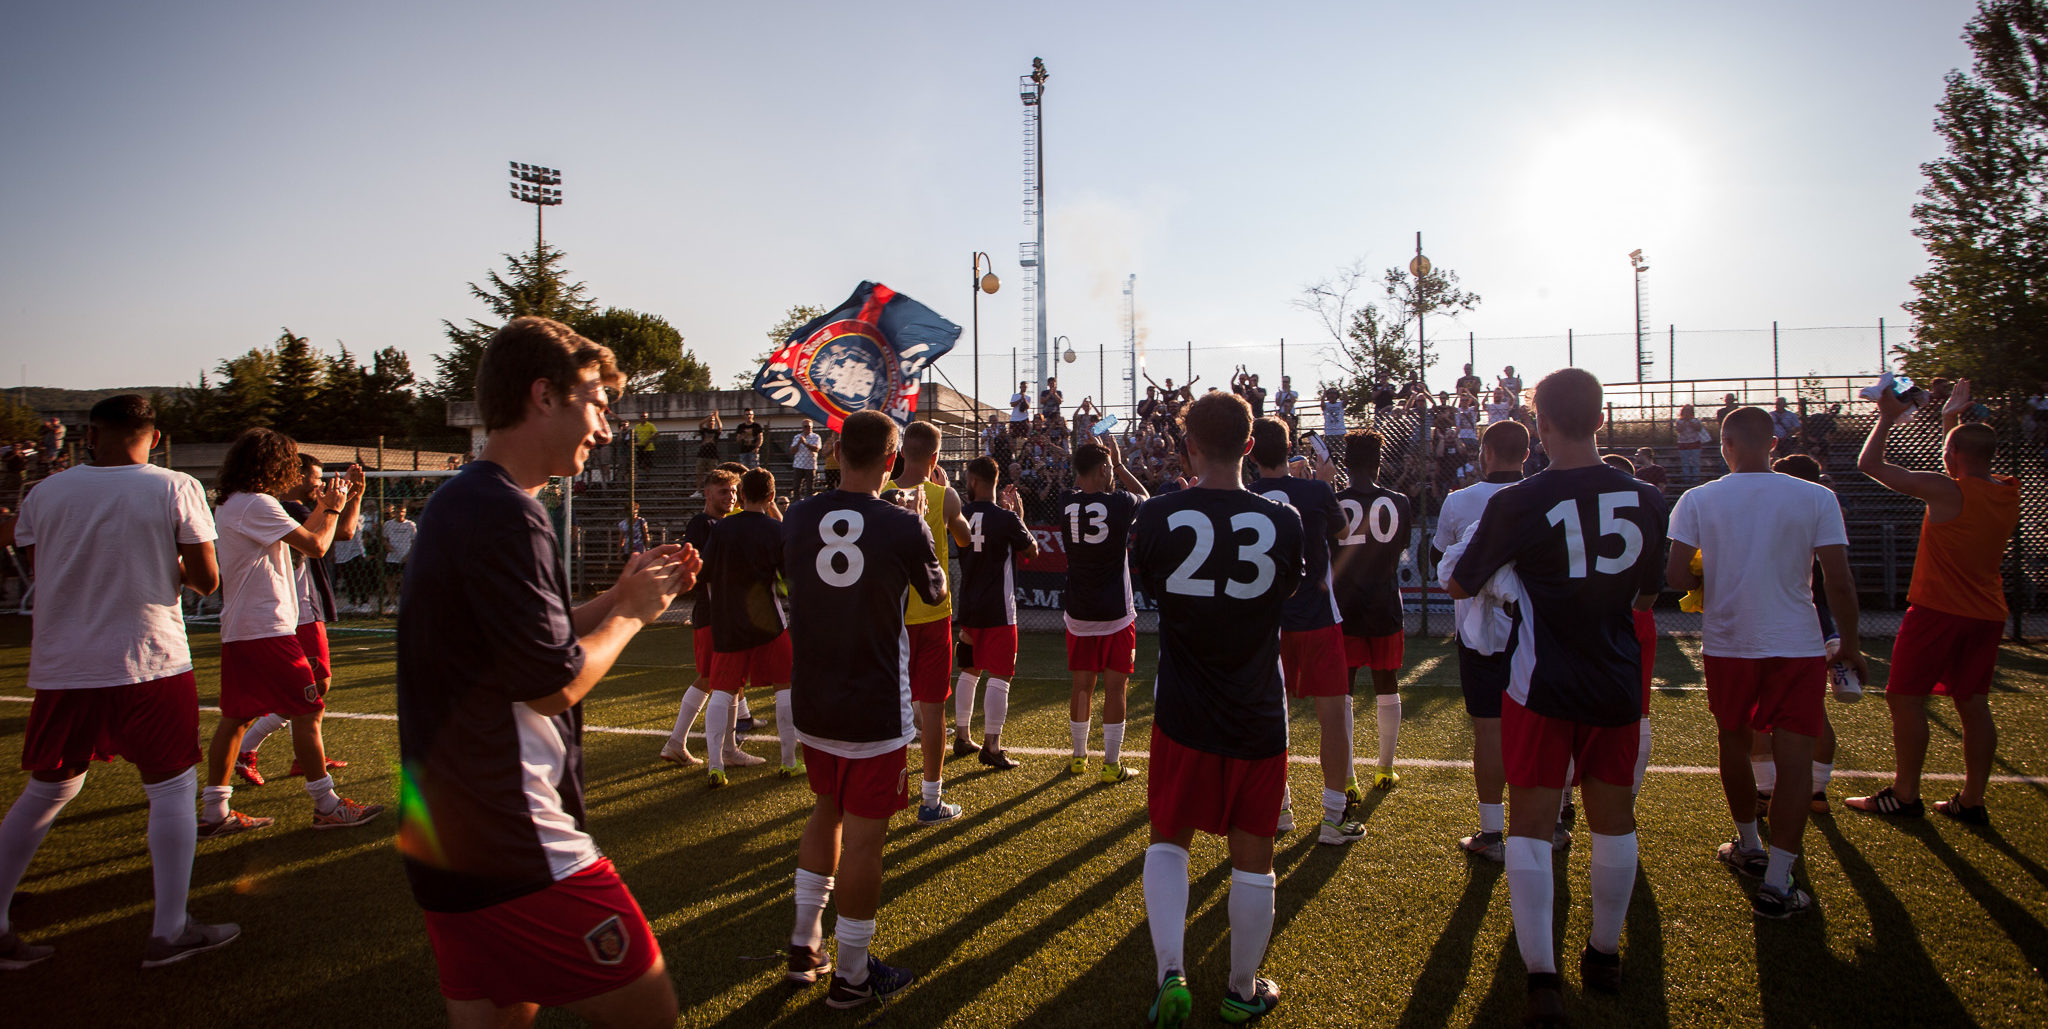 campobasso-calcio-coppa-italia